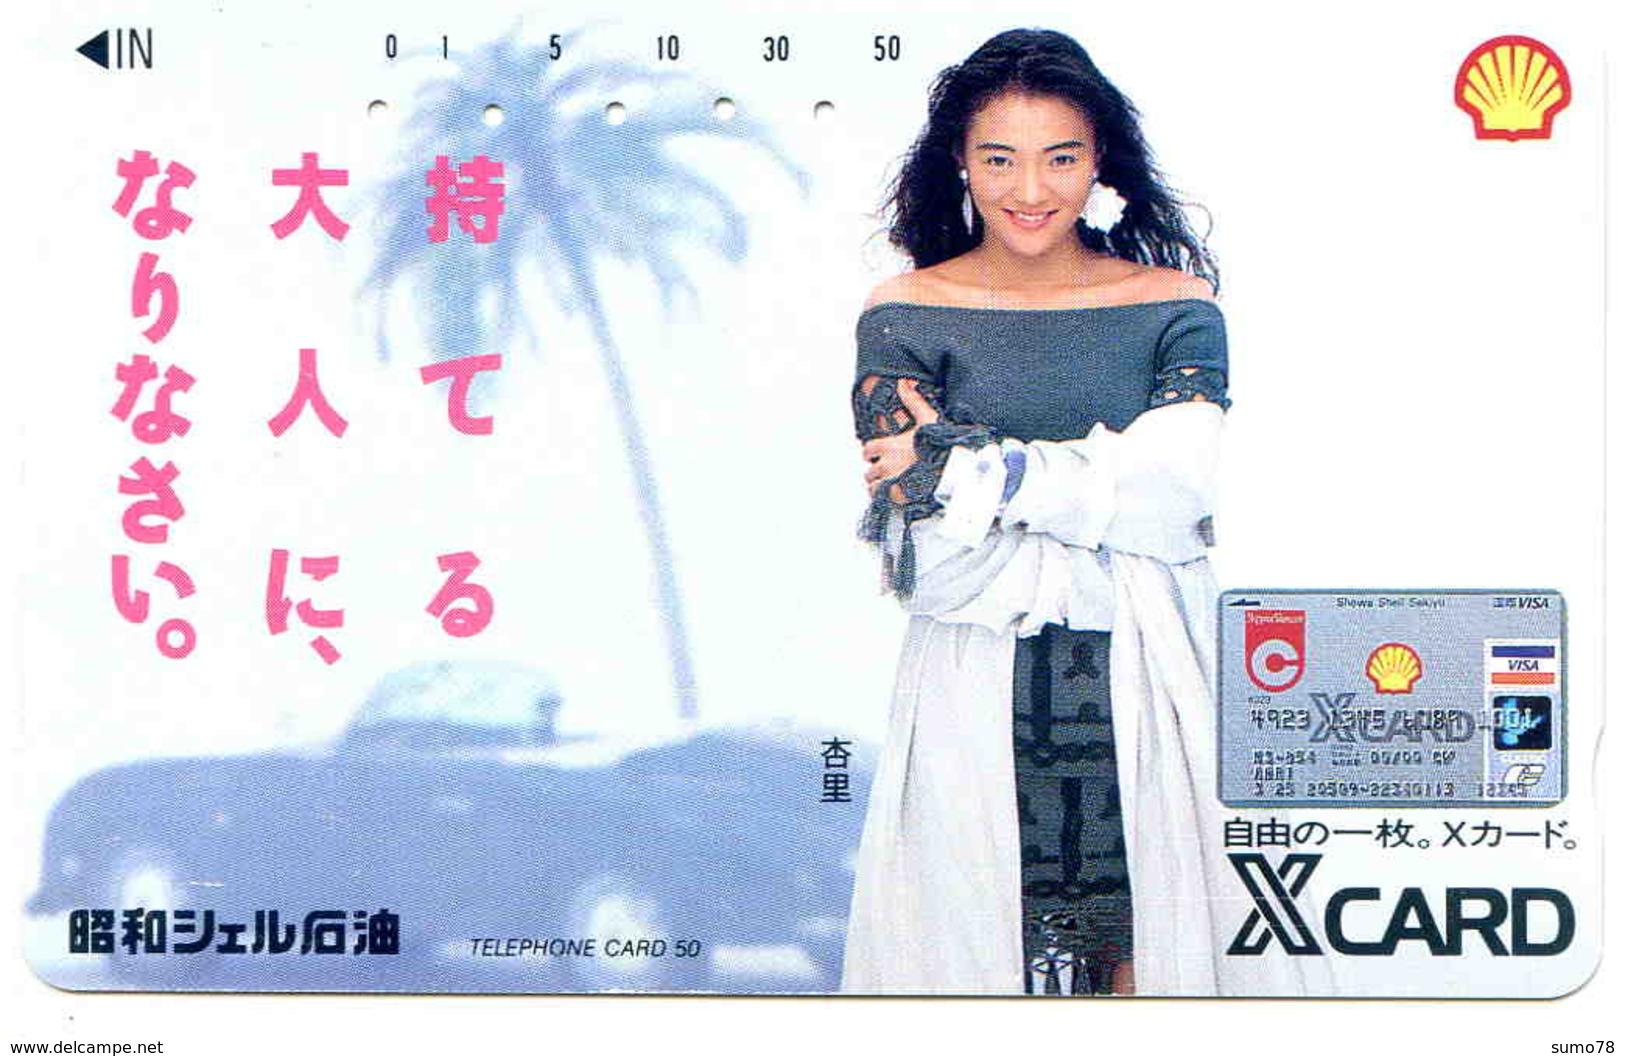 SHELL - XCARD - PETROLIER -TELECARTE JAPON  - VOITURE - AUTOMOBILE - CAR - Voitures